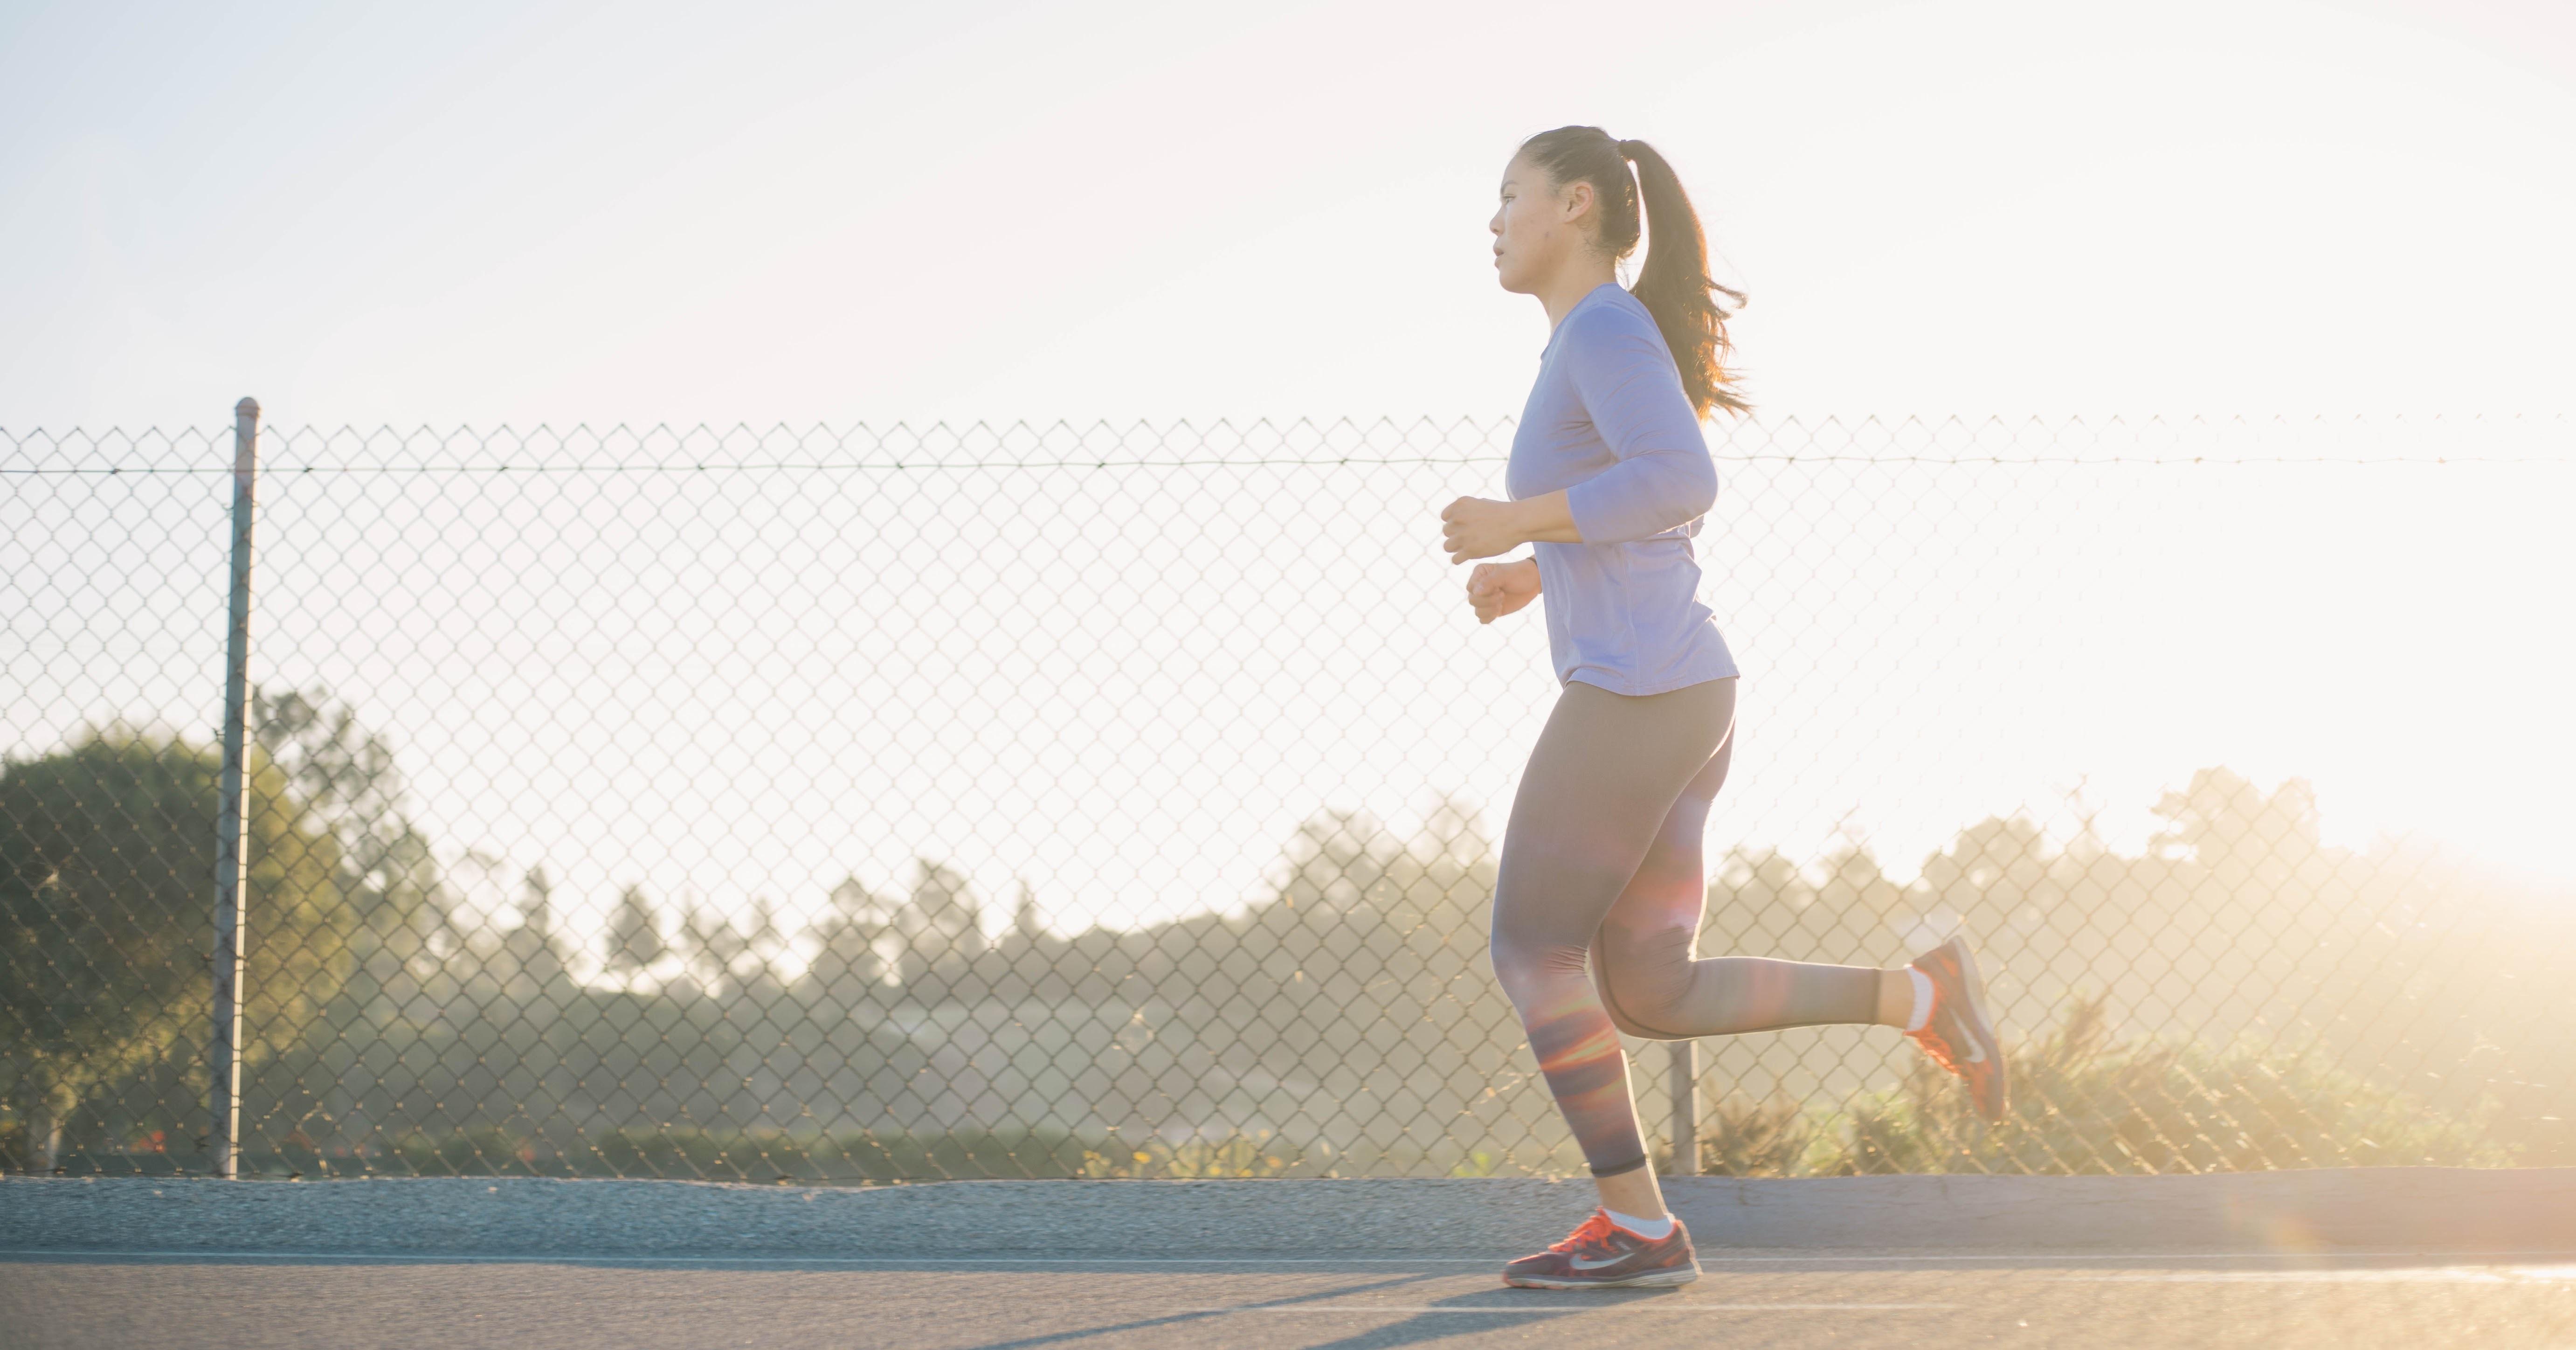 【骨を鍛える】骨は運動で強くなるのと同時に軽量化もしている